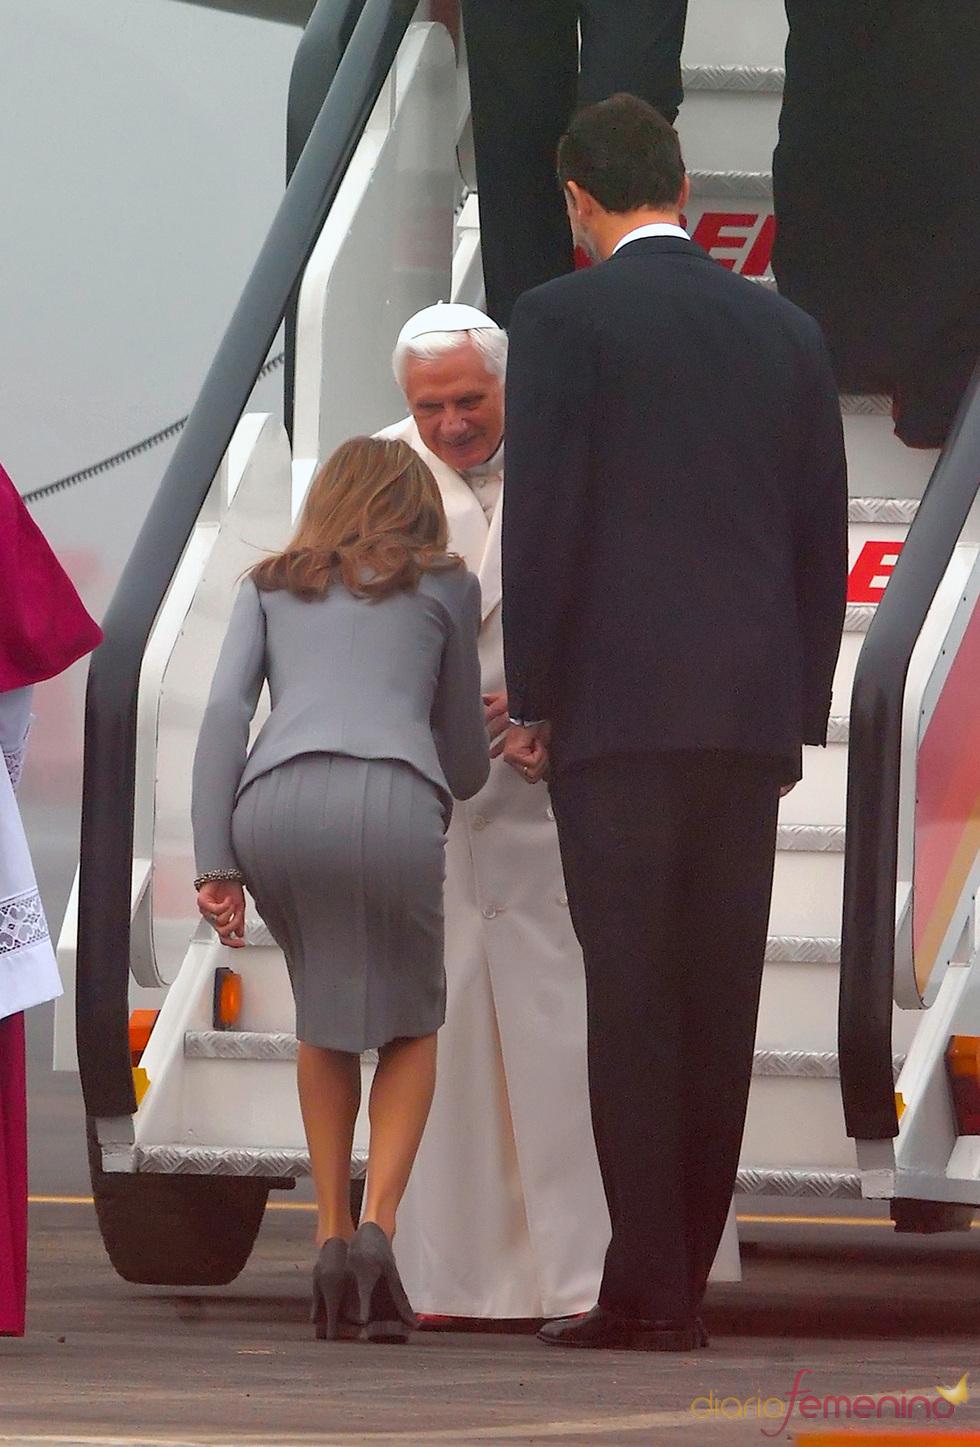 El Papa Benedicto XVI fue recibido a pie del avión por los príncipes de Asturias